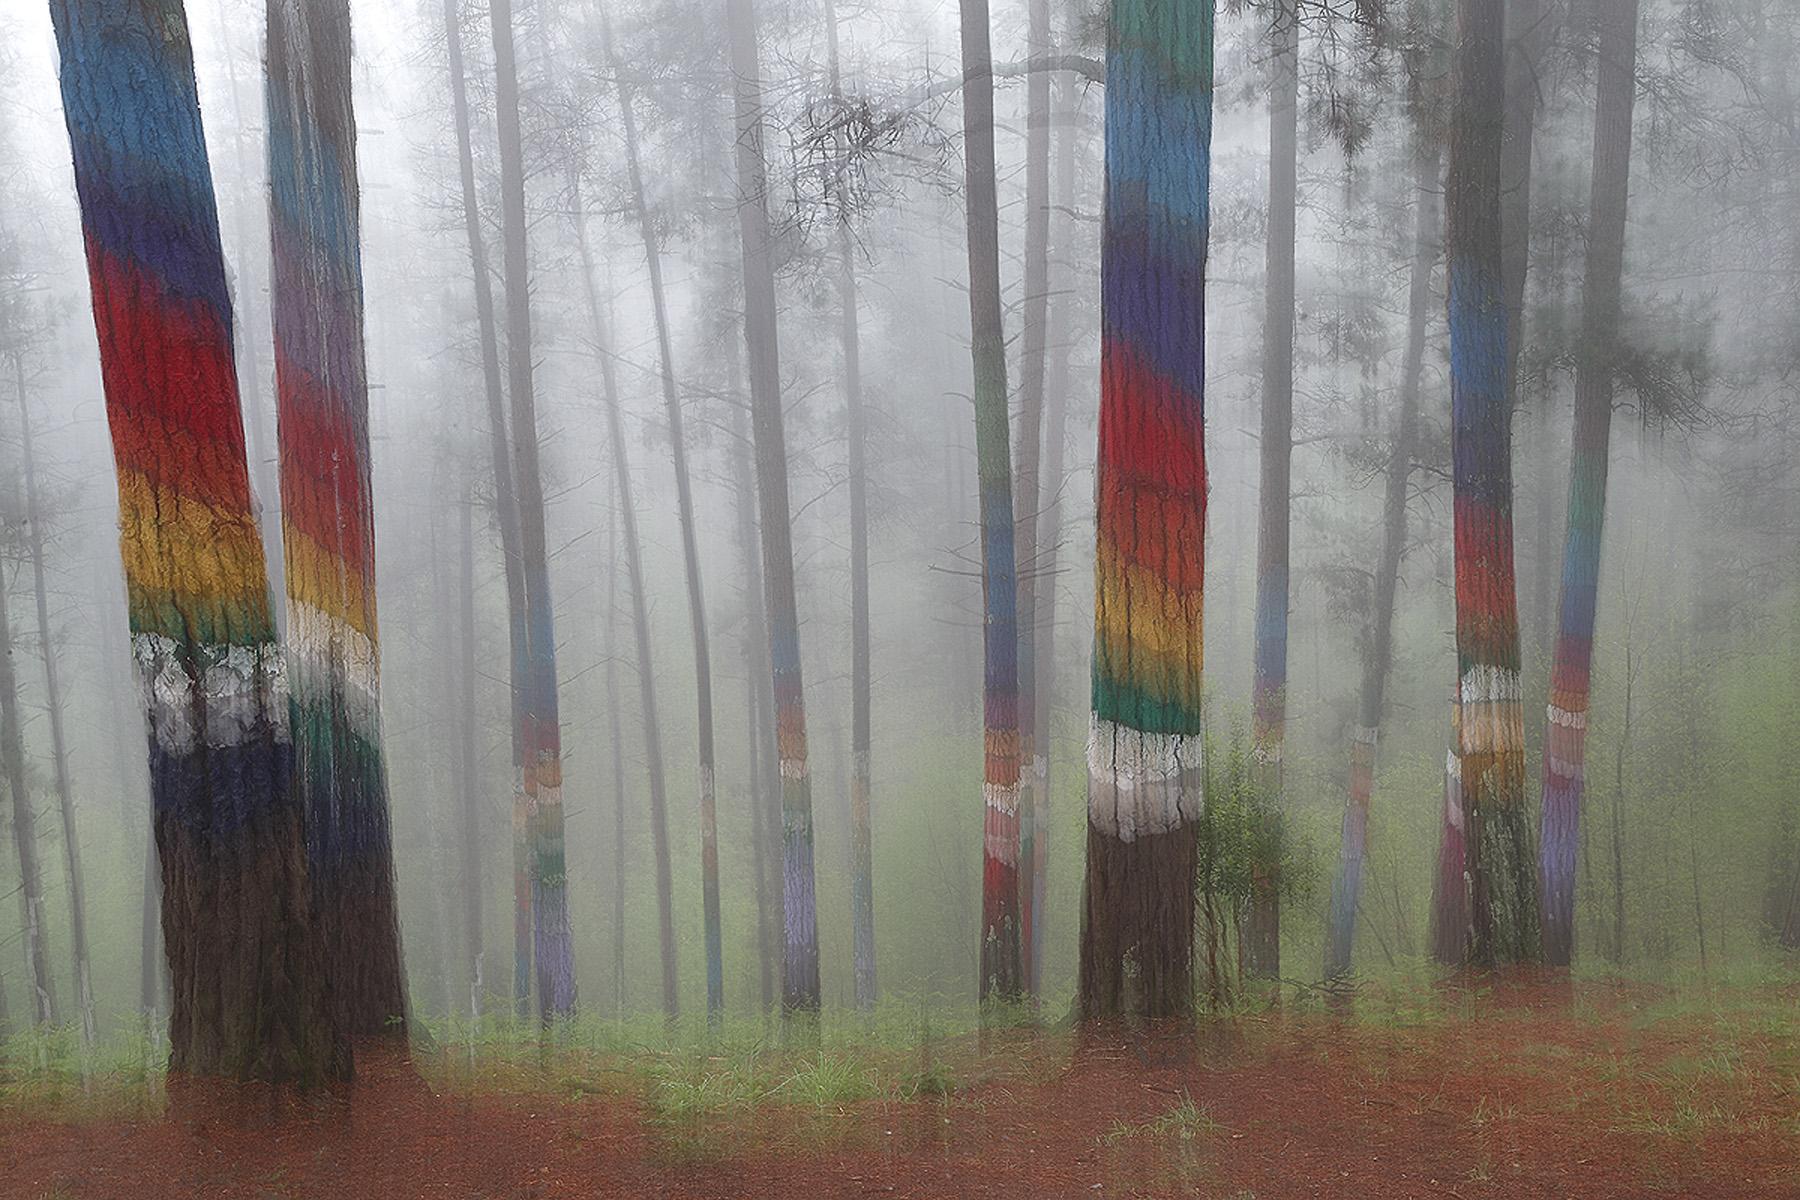 Bosque de Oma, Bizkaia - Bosques - Iñigo Bernedo, Fotografía